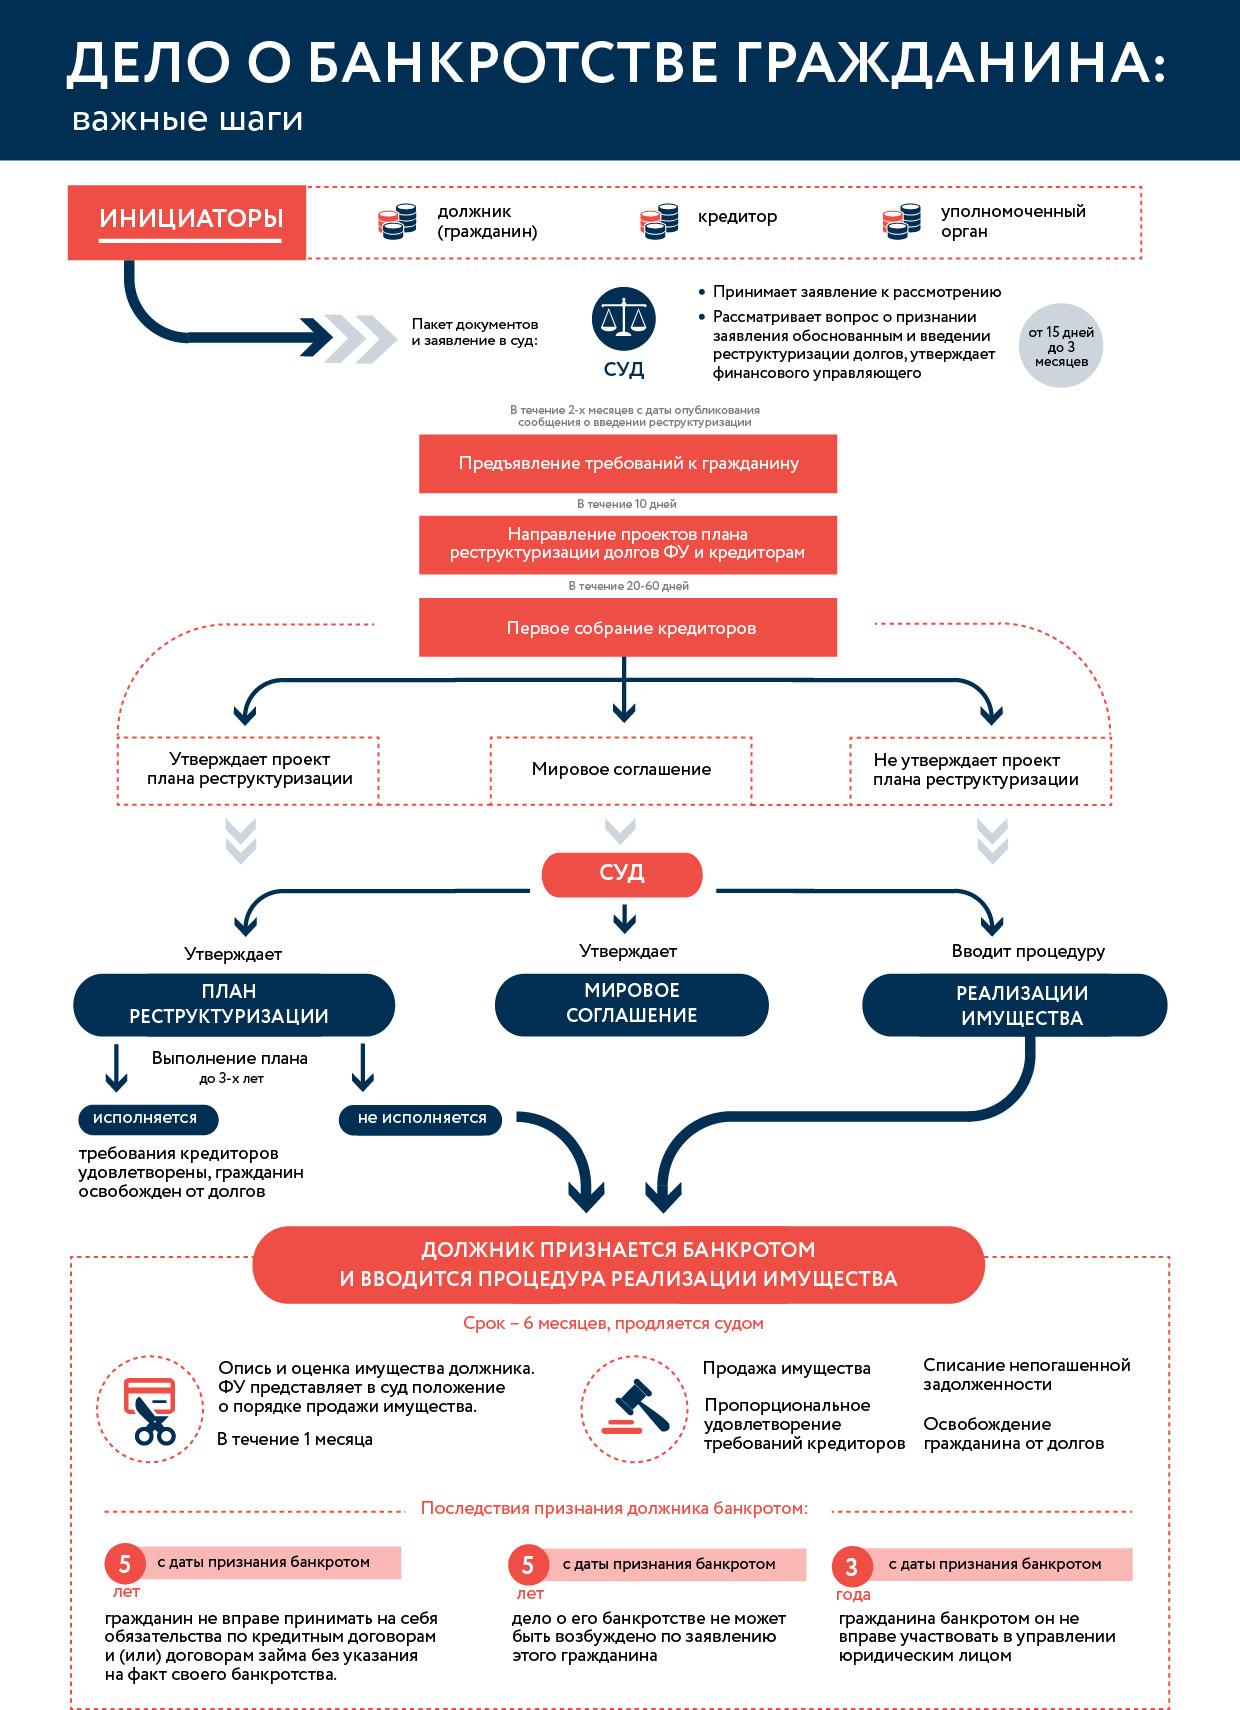 restrukturizaciya-dolgov-grazhdanina-kak-procedura-bankrotstva